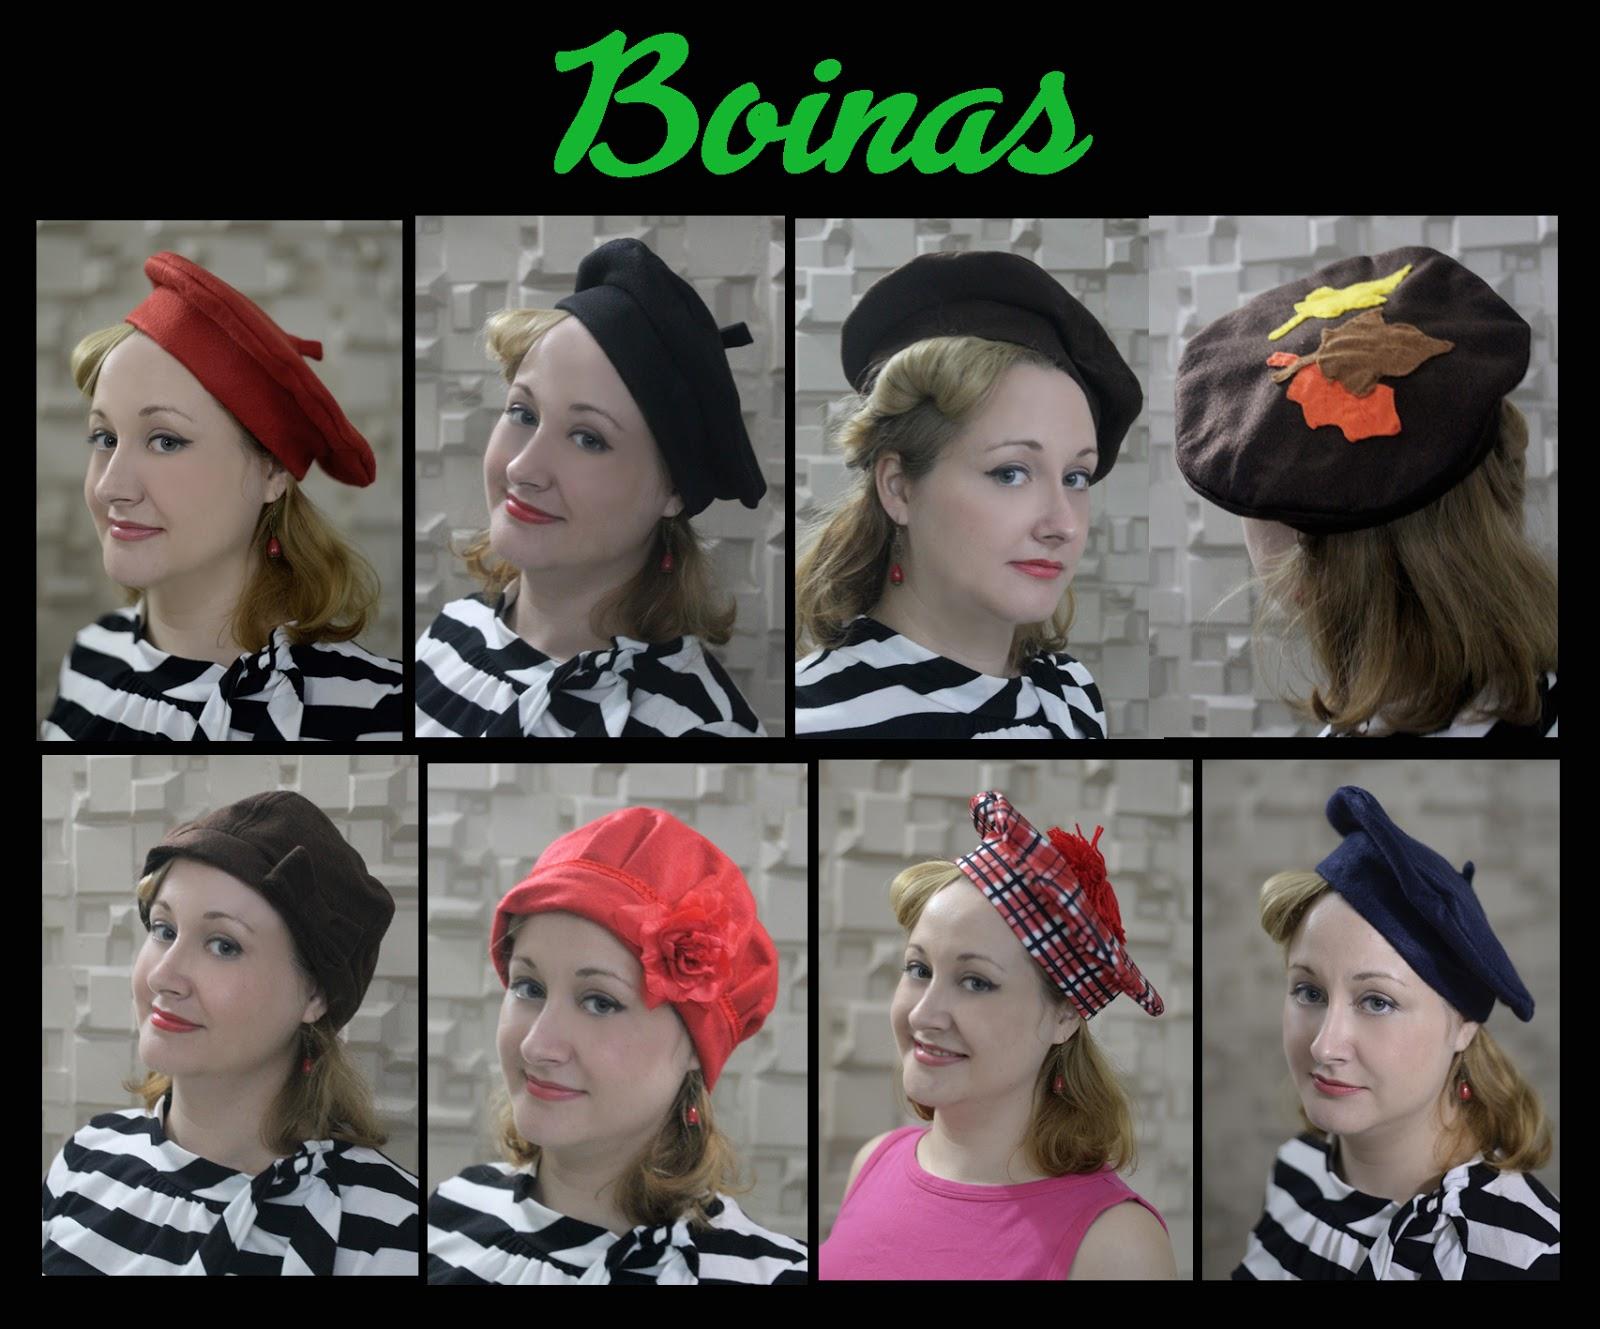 9a9a68640f9ac Clique aqui para conferir as boinas e outros modelos de chapéu.